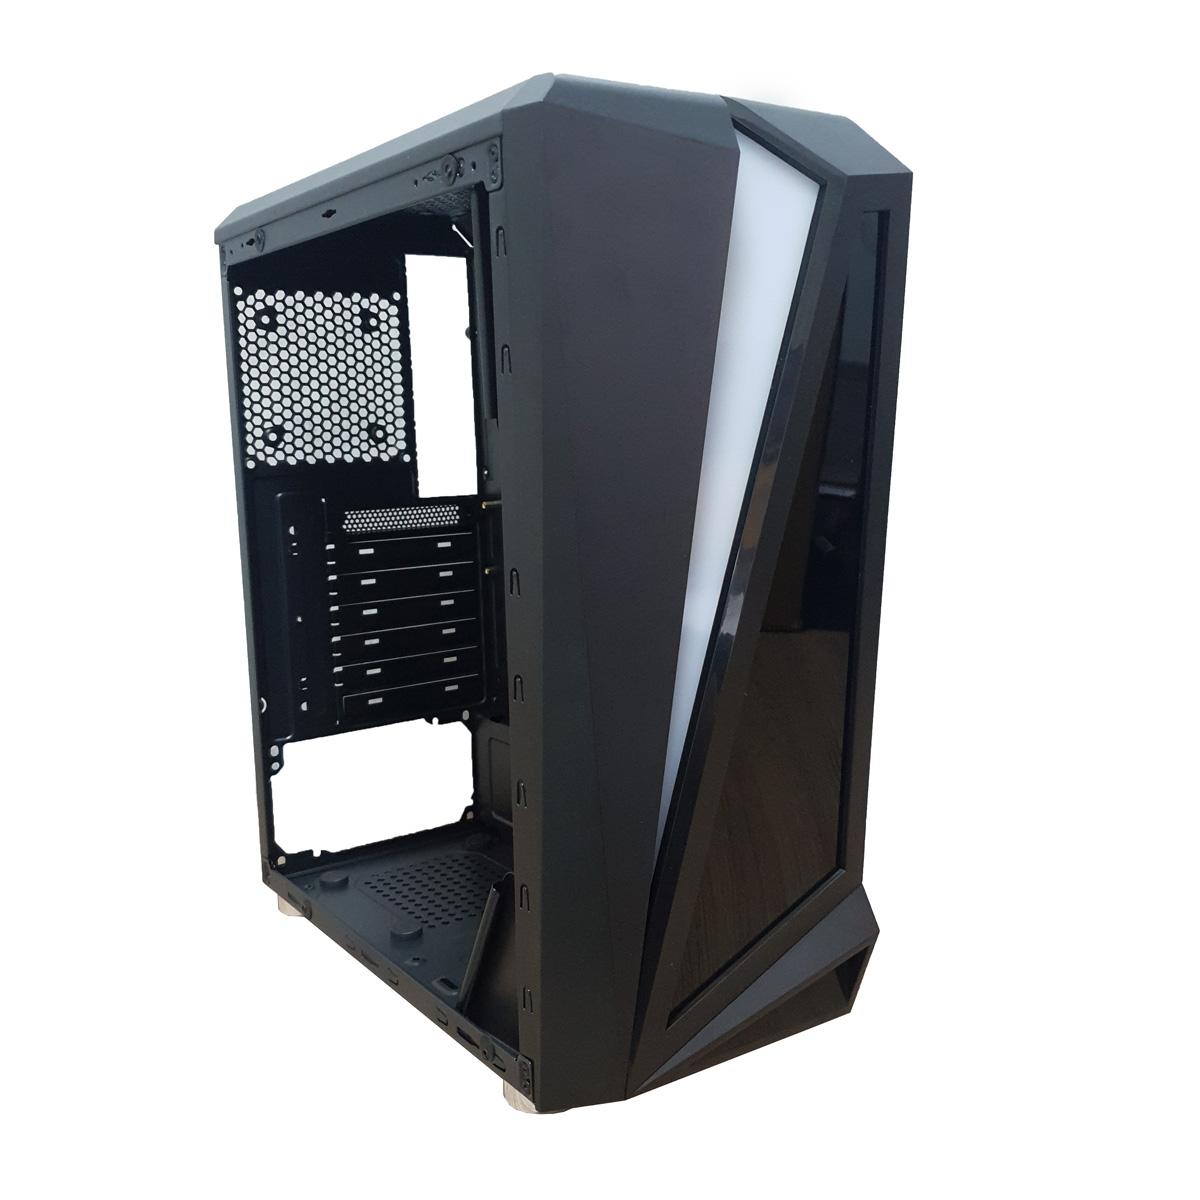 Gabinete Para PC GAMER com LED RGB BLACK HAWK CG-05QI K-MEX